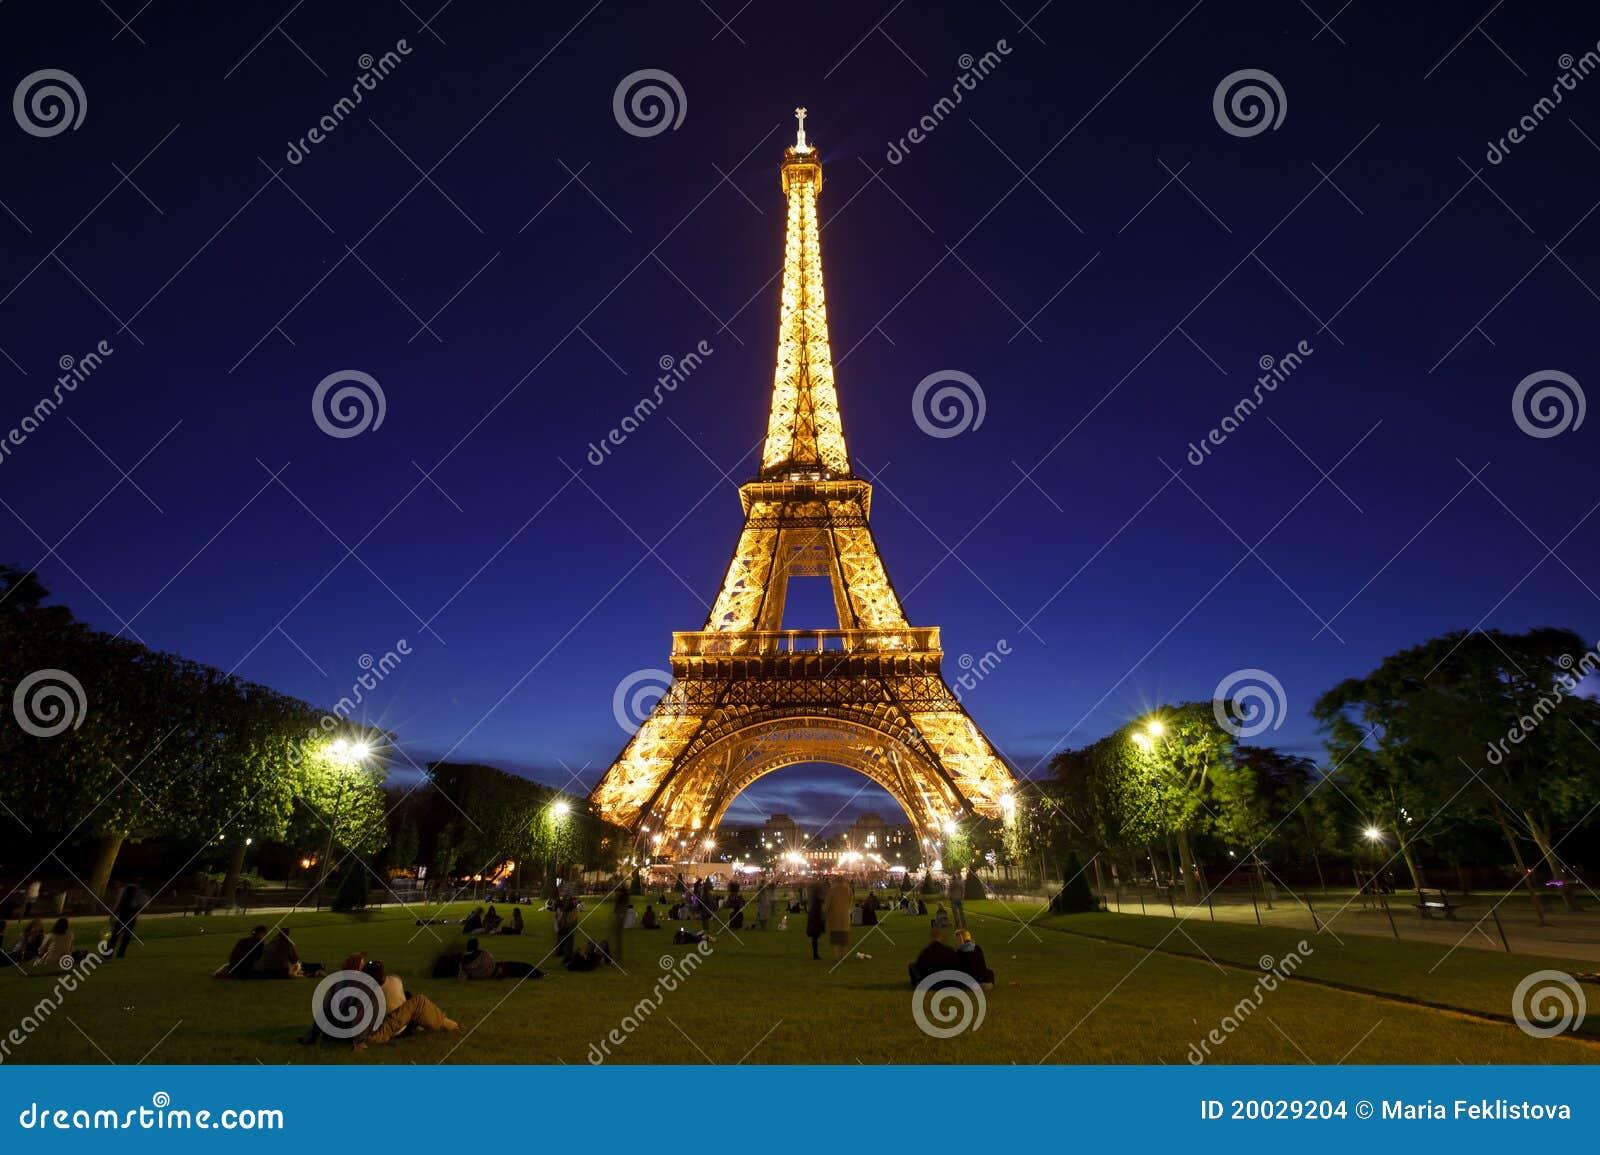 Πύργος του Άιφελ στο φως νύχτας, Παρίσι, Γαλλία.